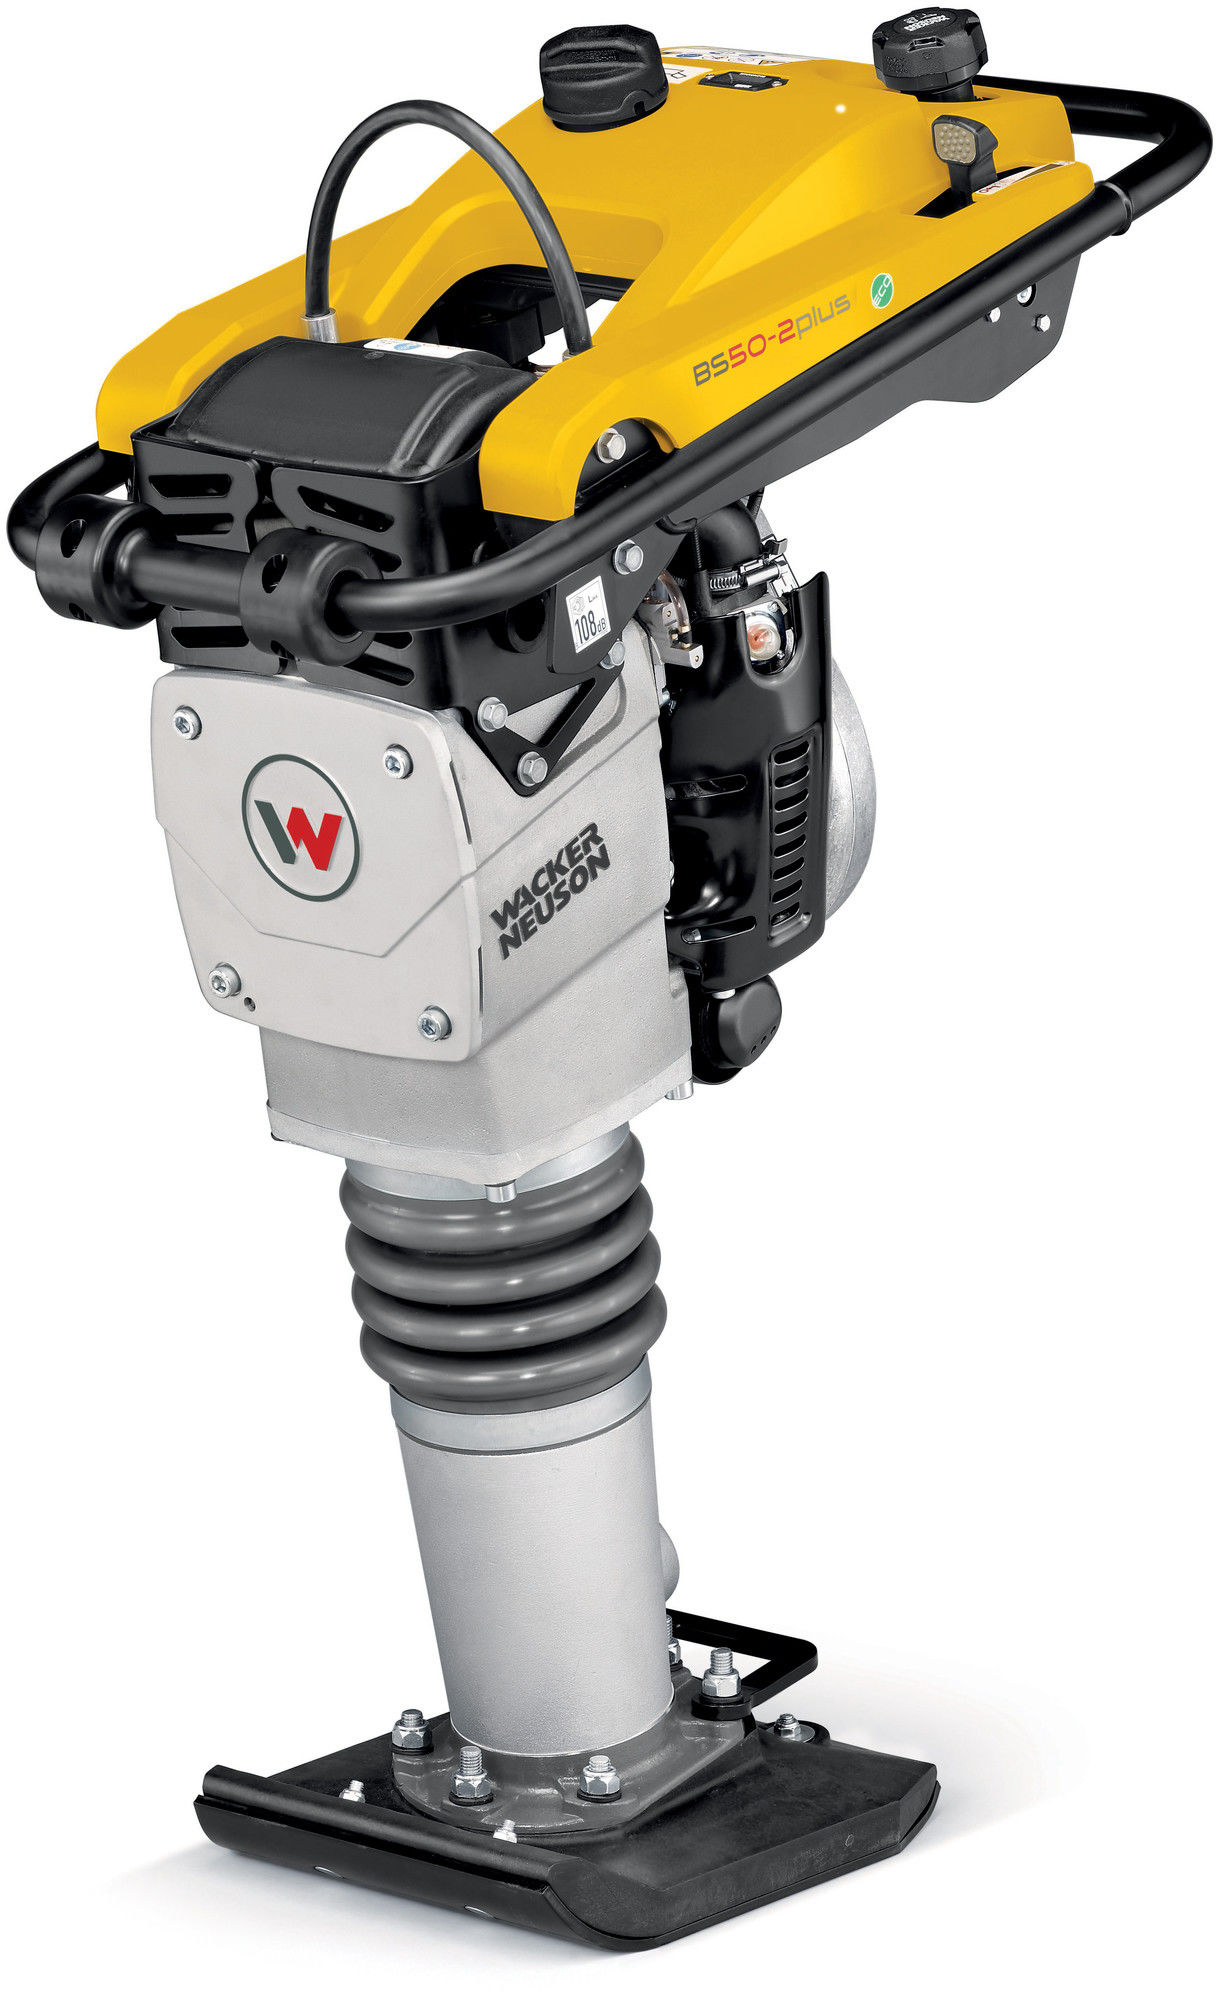 Zagęszczarka stopowa (ubijak) Wacker Neuson BS 50-2 plus (280mm)